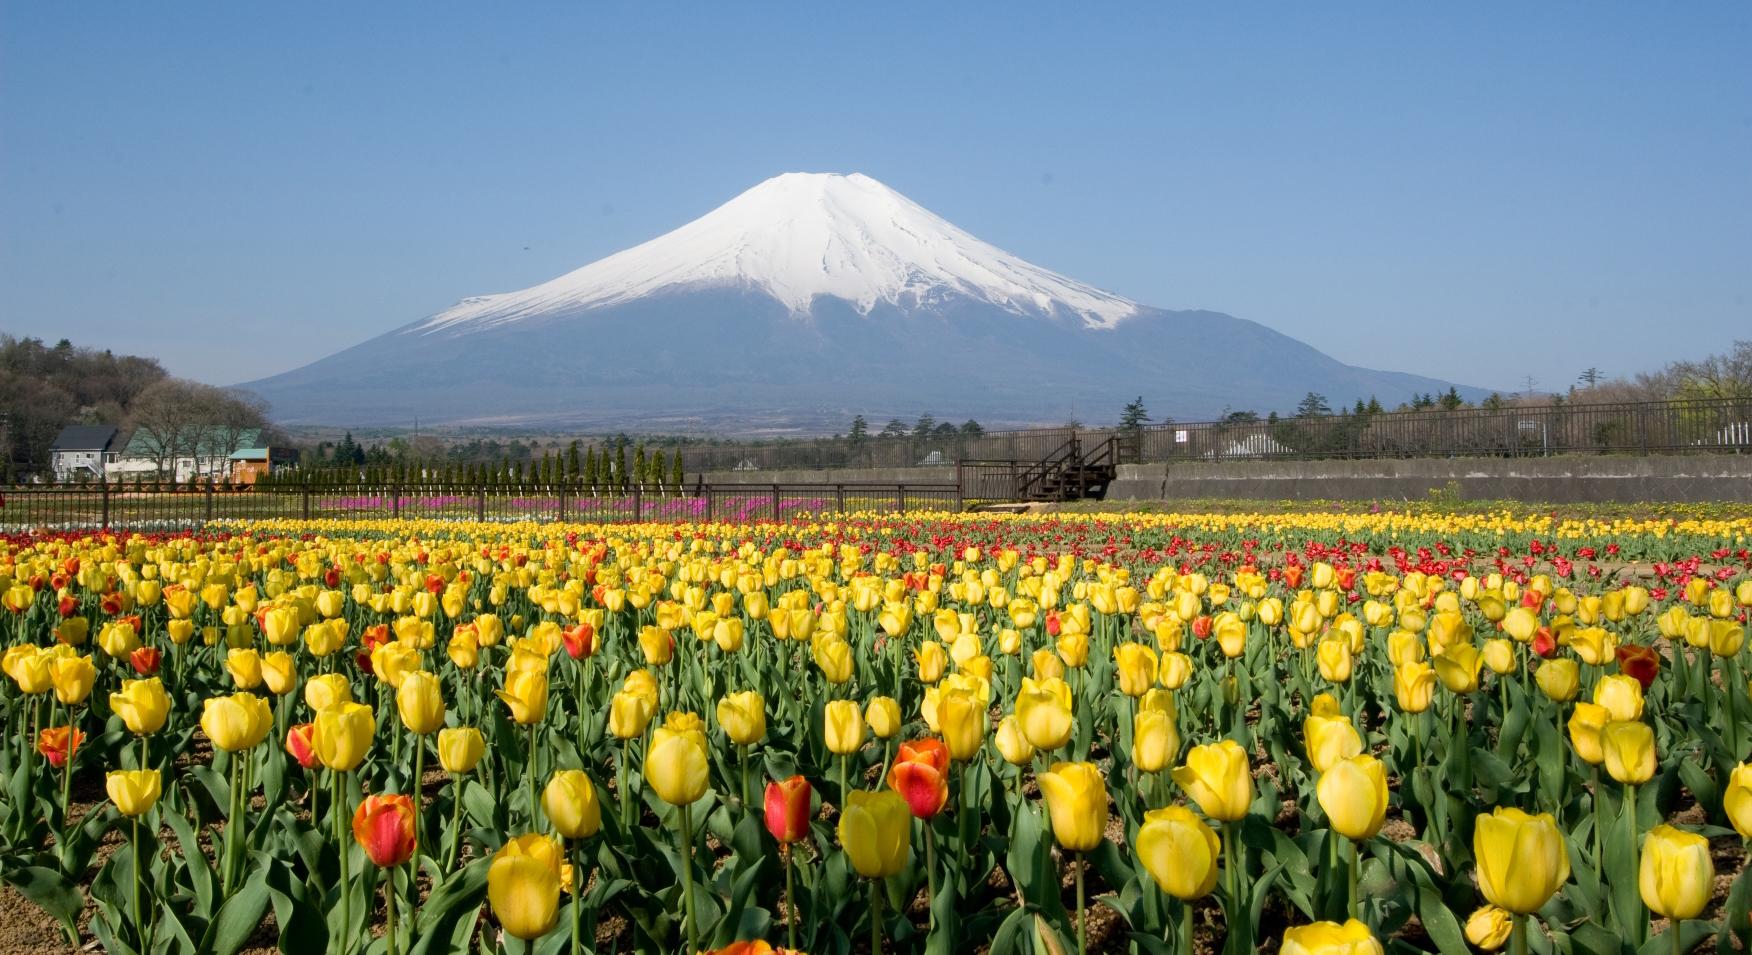 富士五湖観光におすすめ!人気温泉に入れるホテルやグルメ情報も